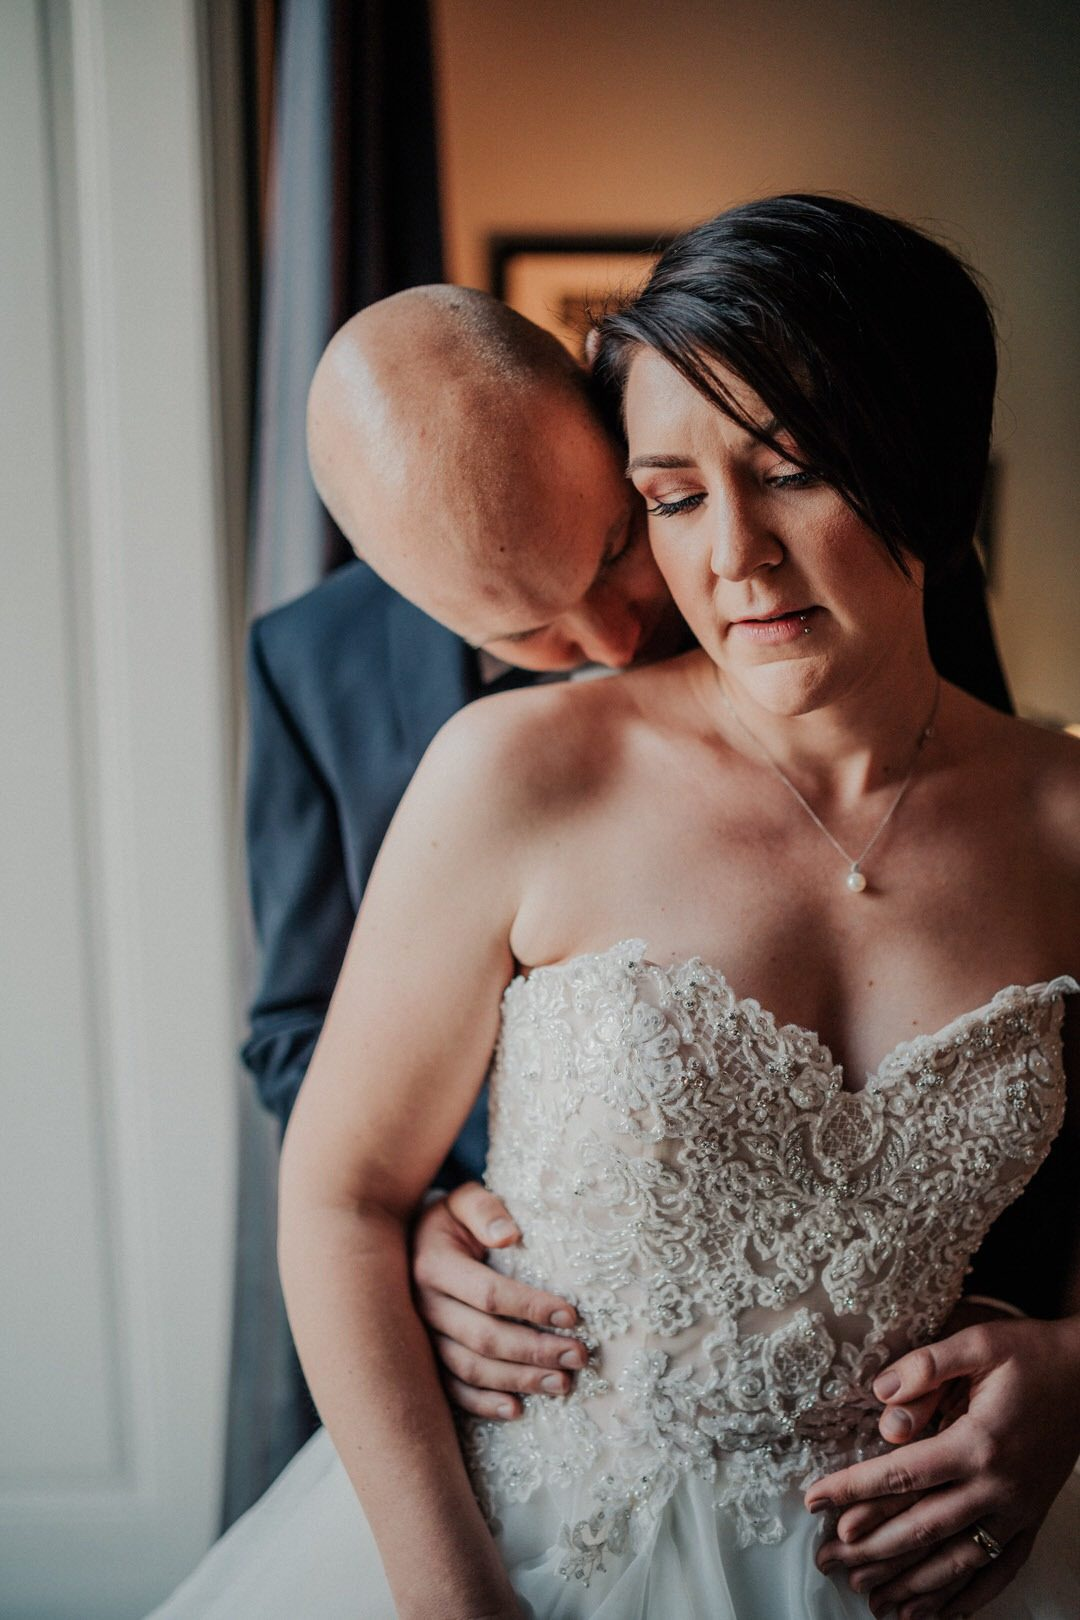 Kuss des Bräutigams auf die Schulter der Braut beim Paar-Shooting der Hochzeit in Wiesbaden